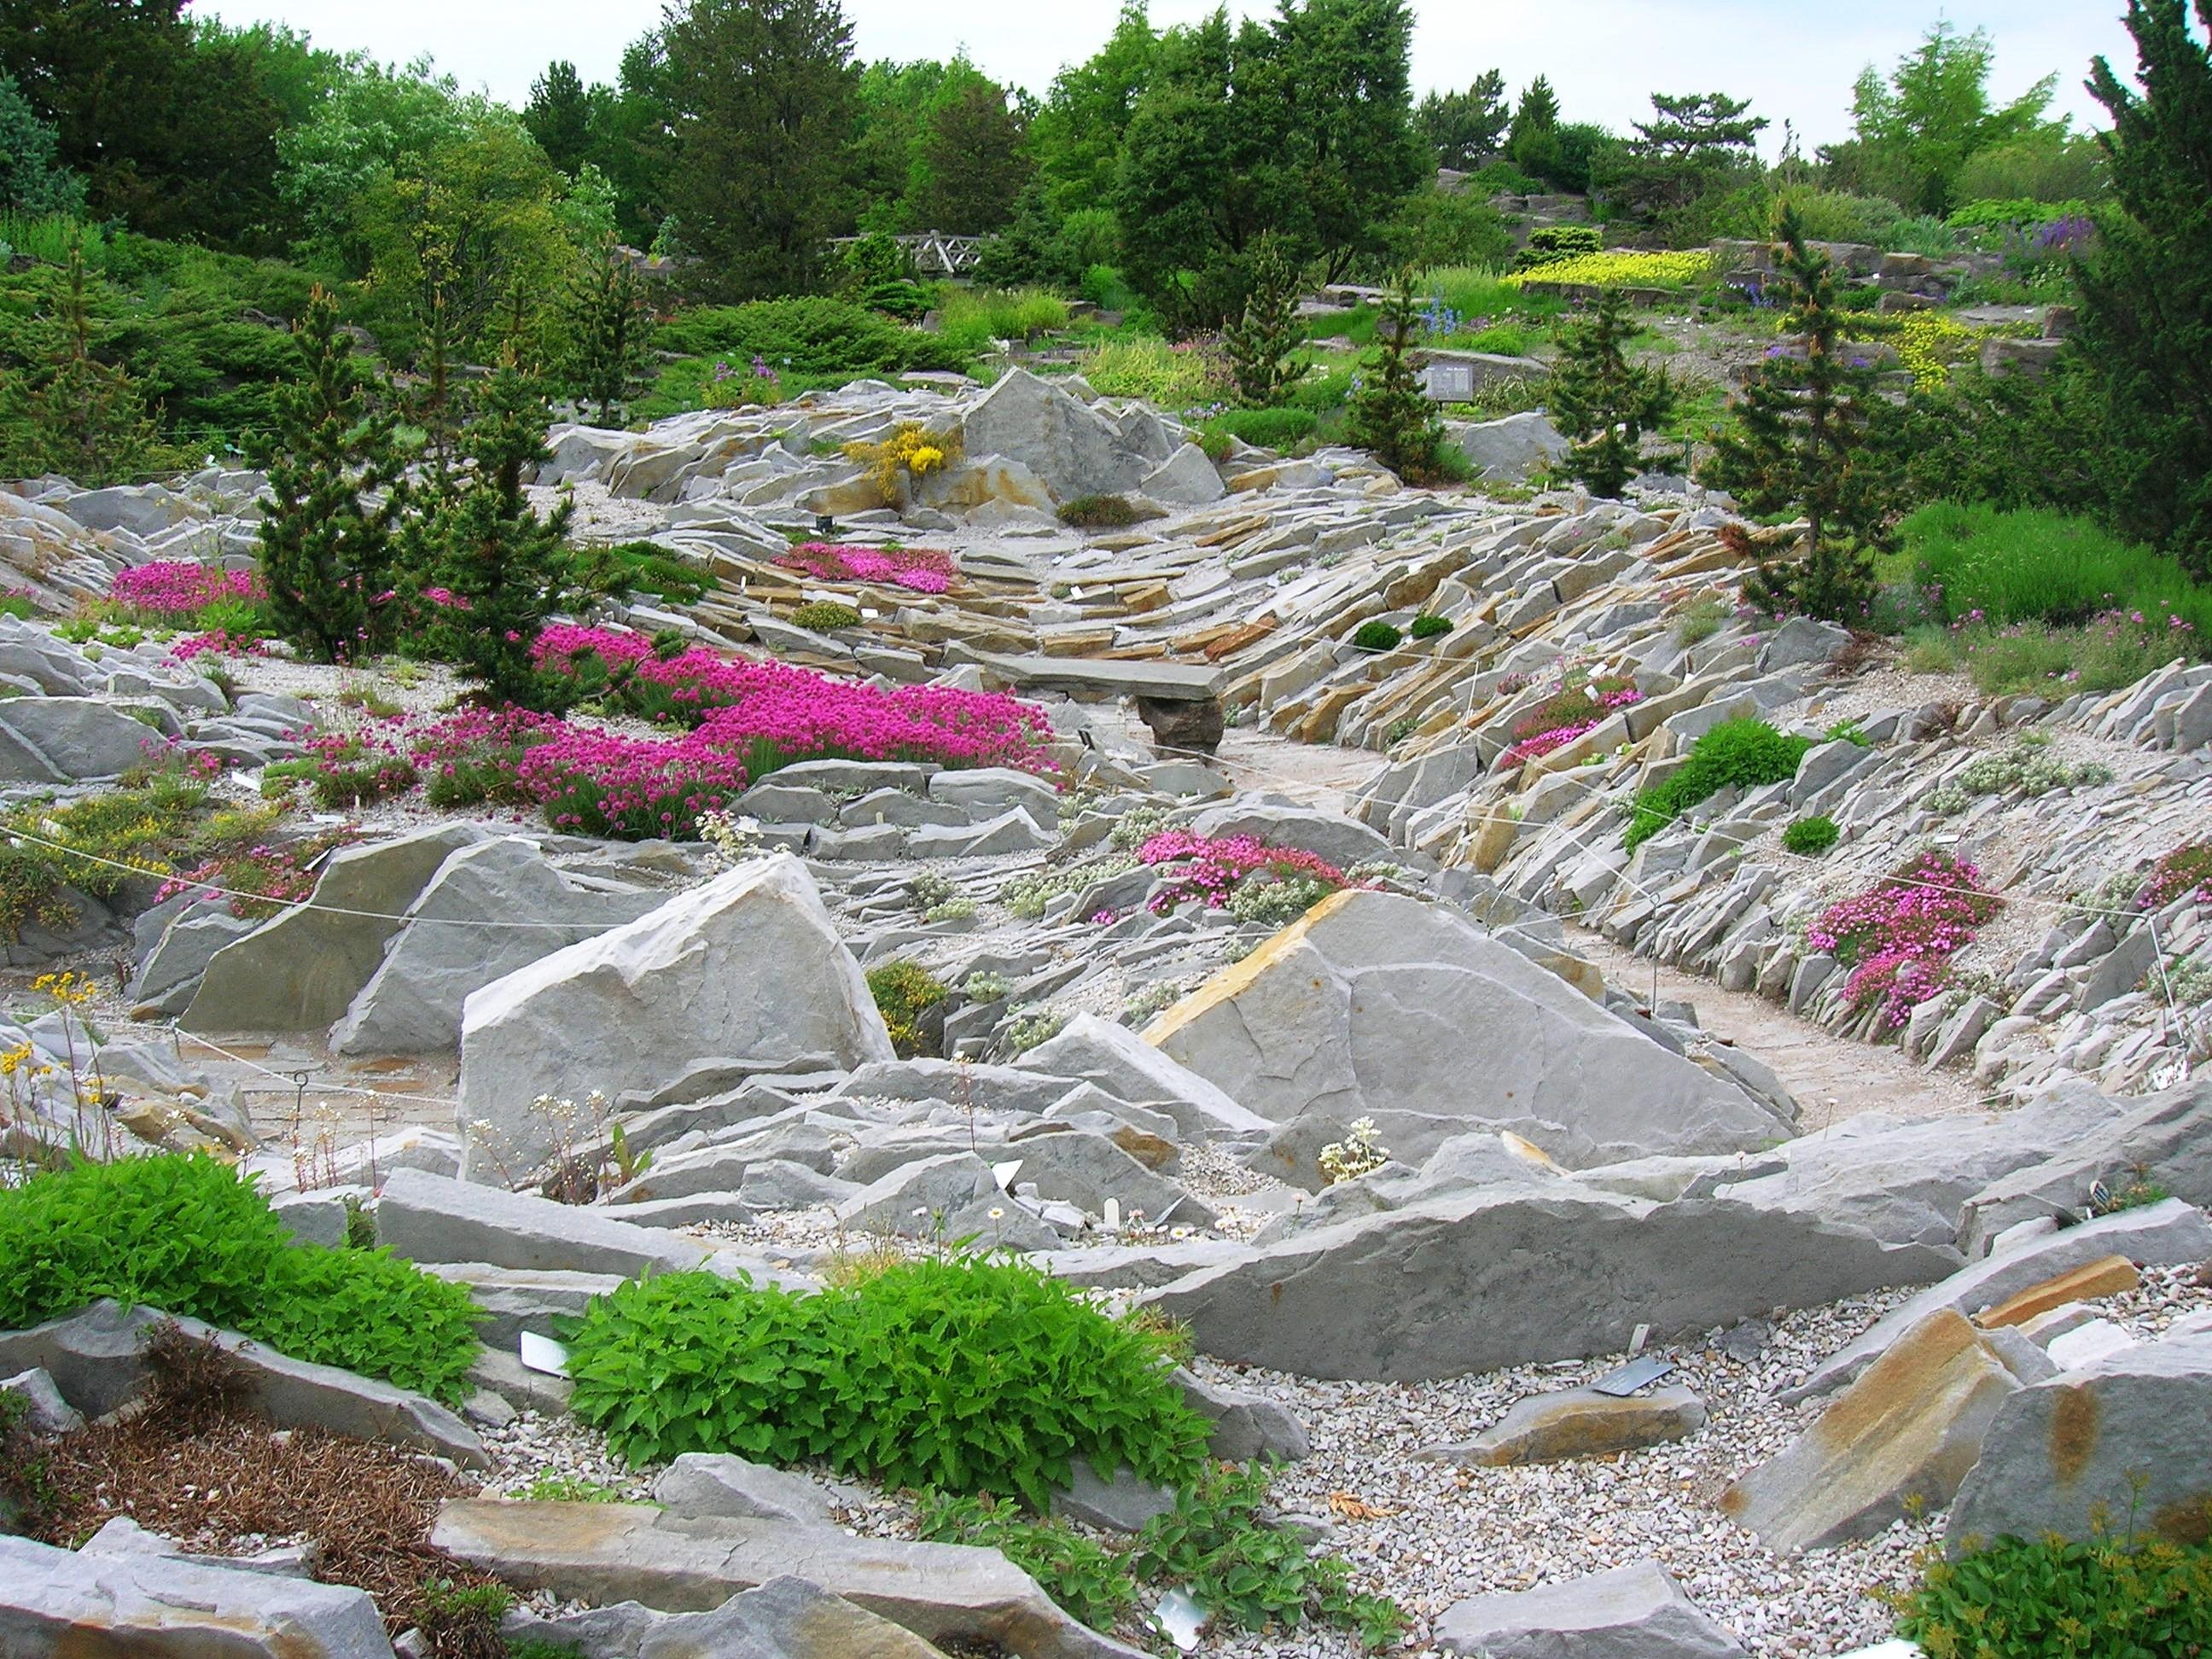 «Горная долина» — пейзажный каменистый сад, создающий образ высокогорной долины. Является художественной композицией.